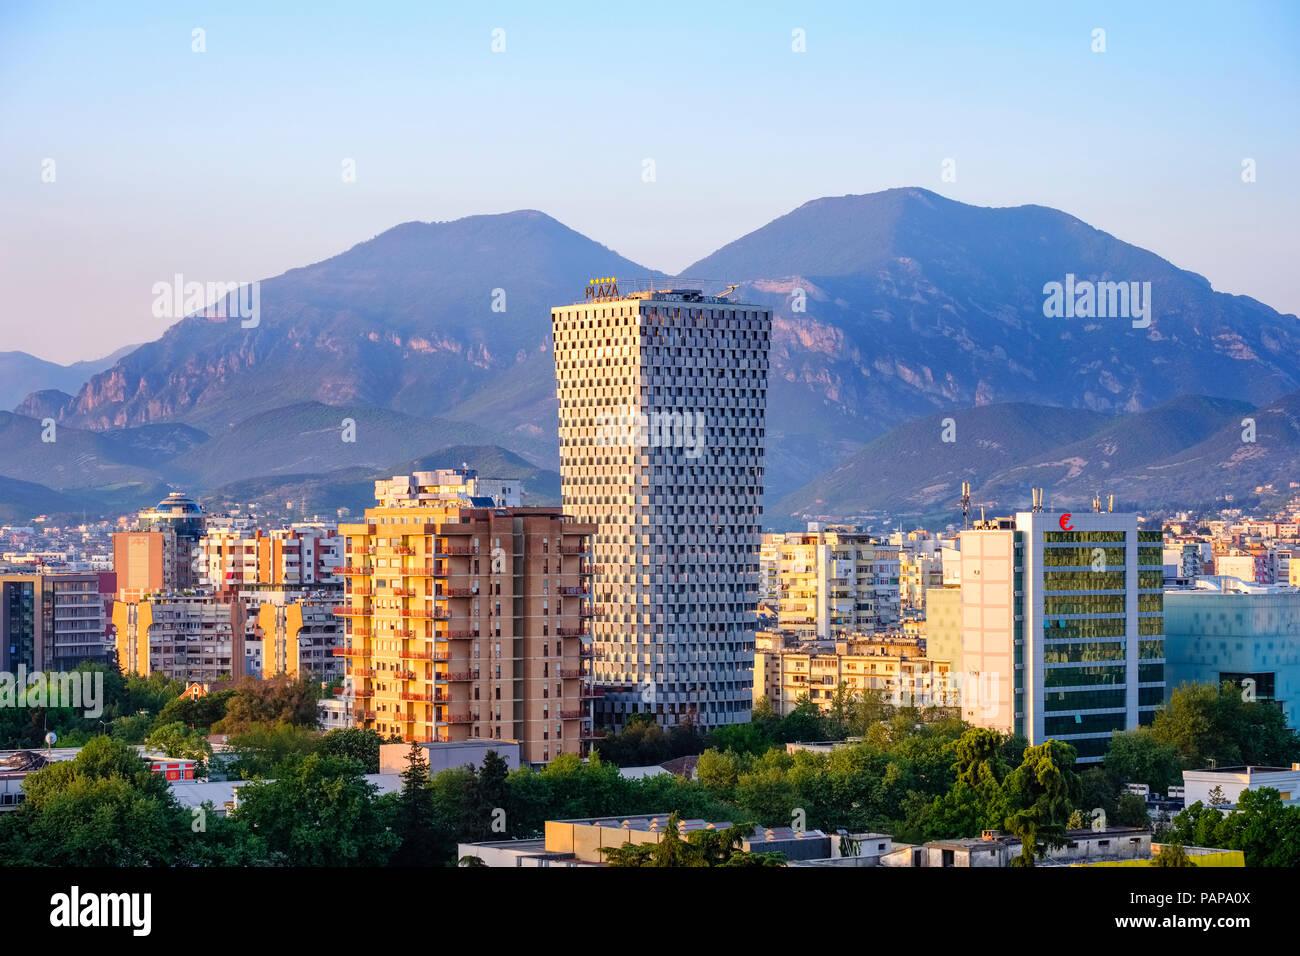 Albania, Tirana, City center with TID Tower - Stock Image